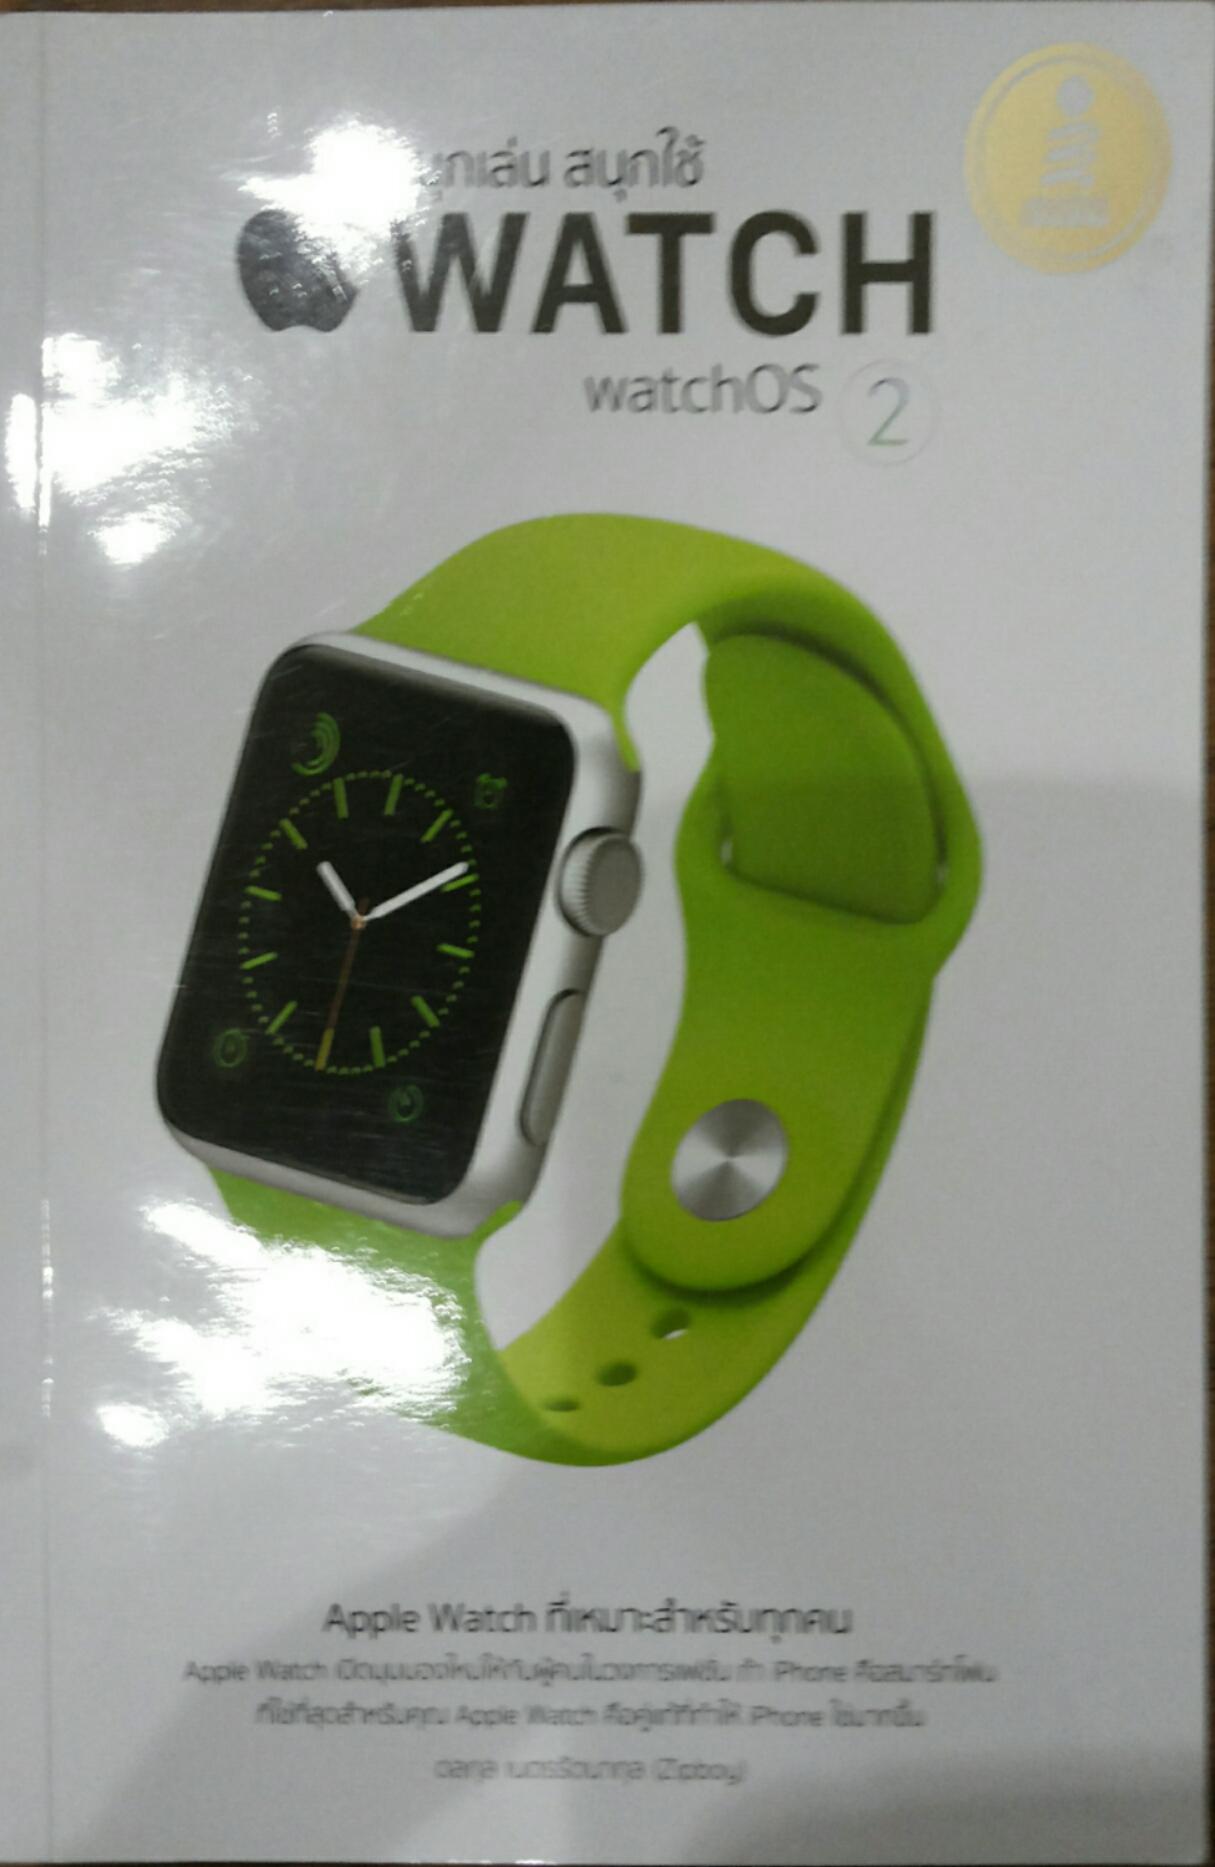 สนุกเล่น สนุกใช้ WATCH watchOS 2